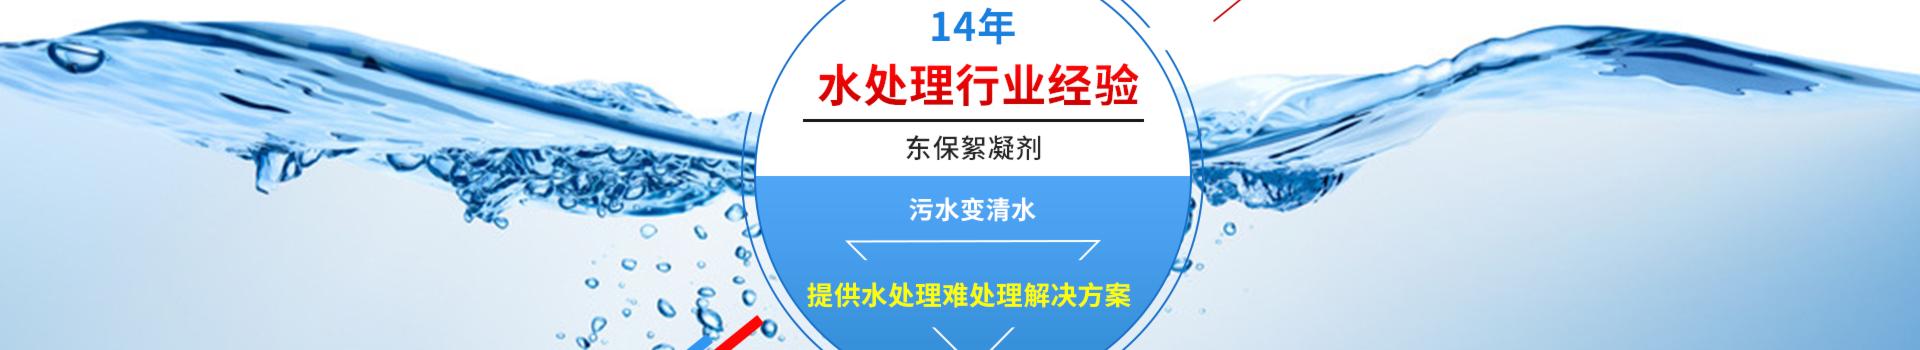 水处理药剂-絮凝剂-聚丙烯酰胺-东保化工